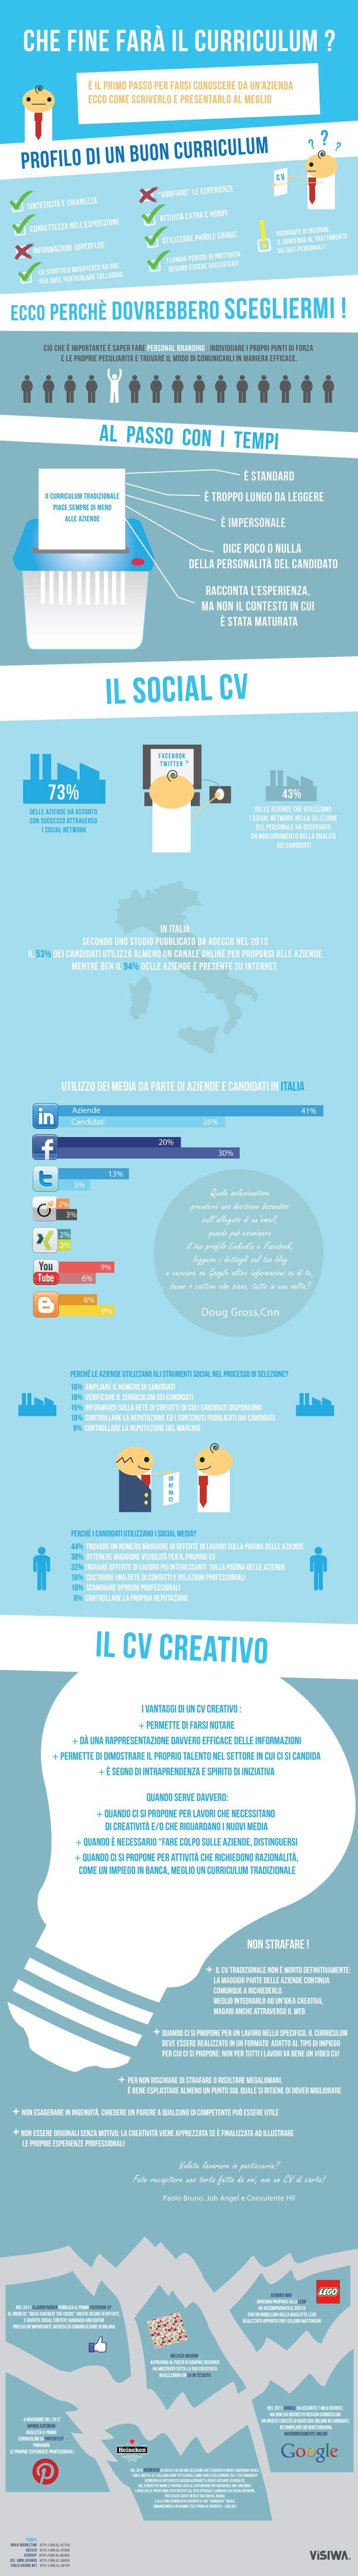 Che fine farà il curriculum? #infografica #lavoro #CV